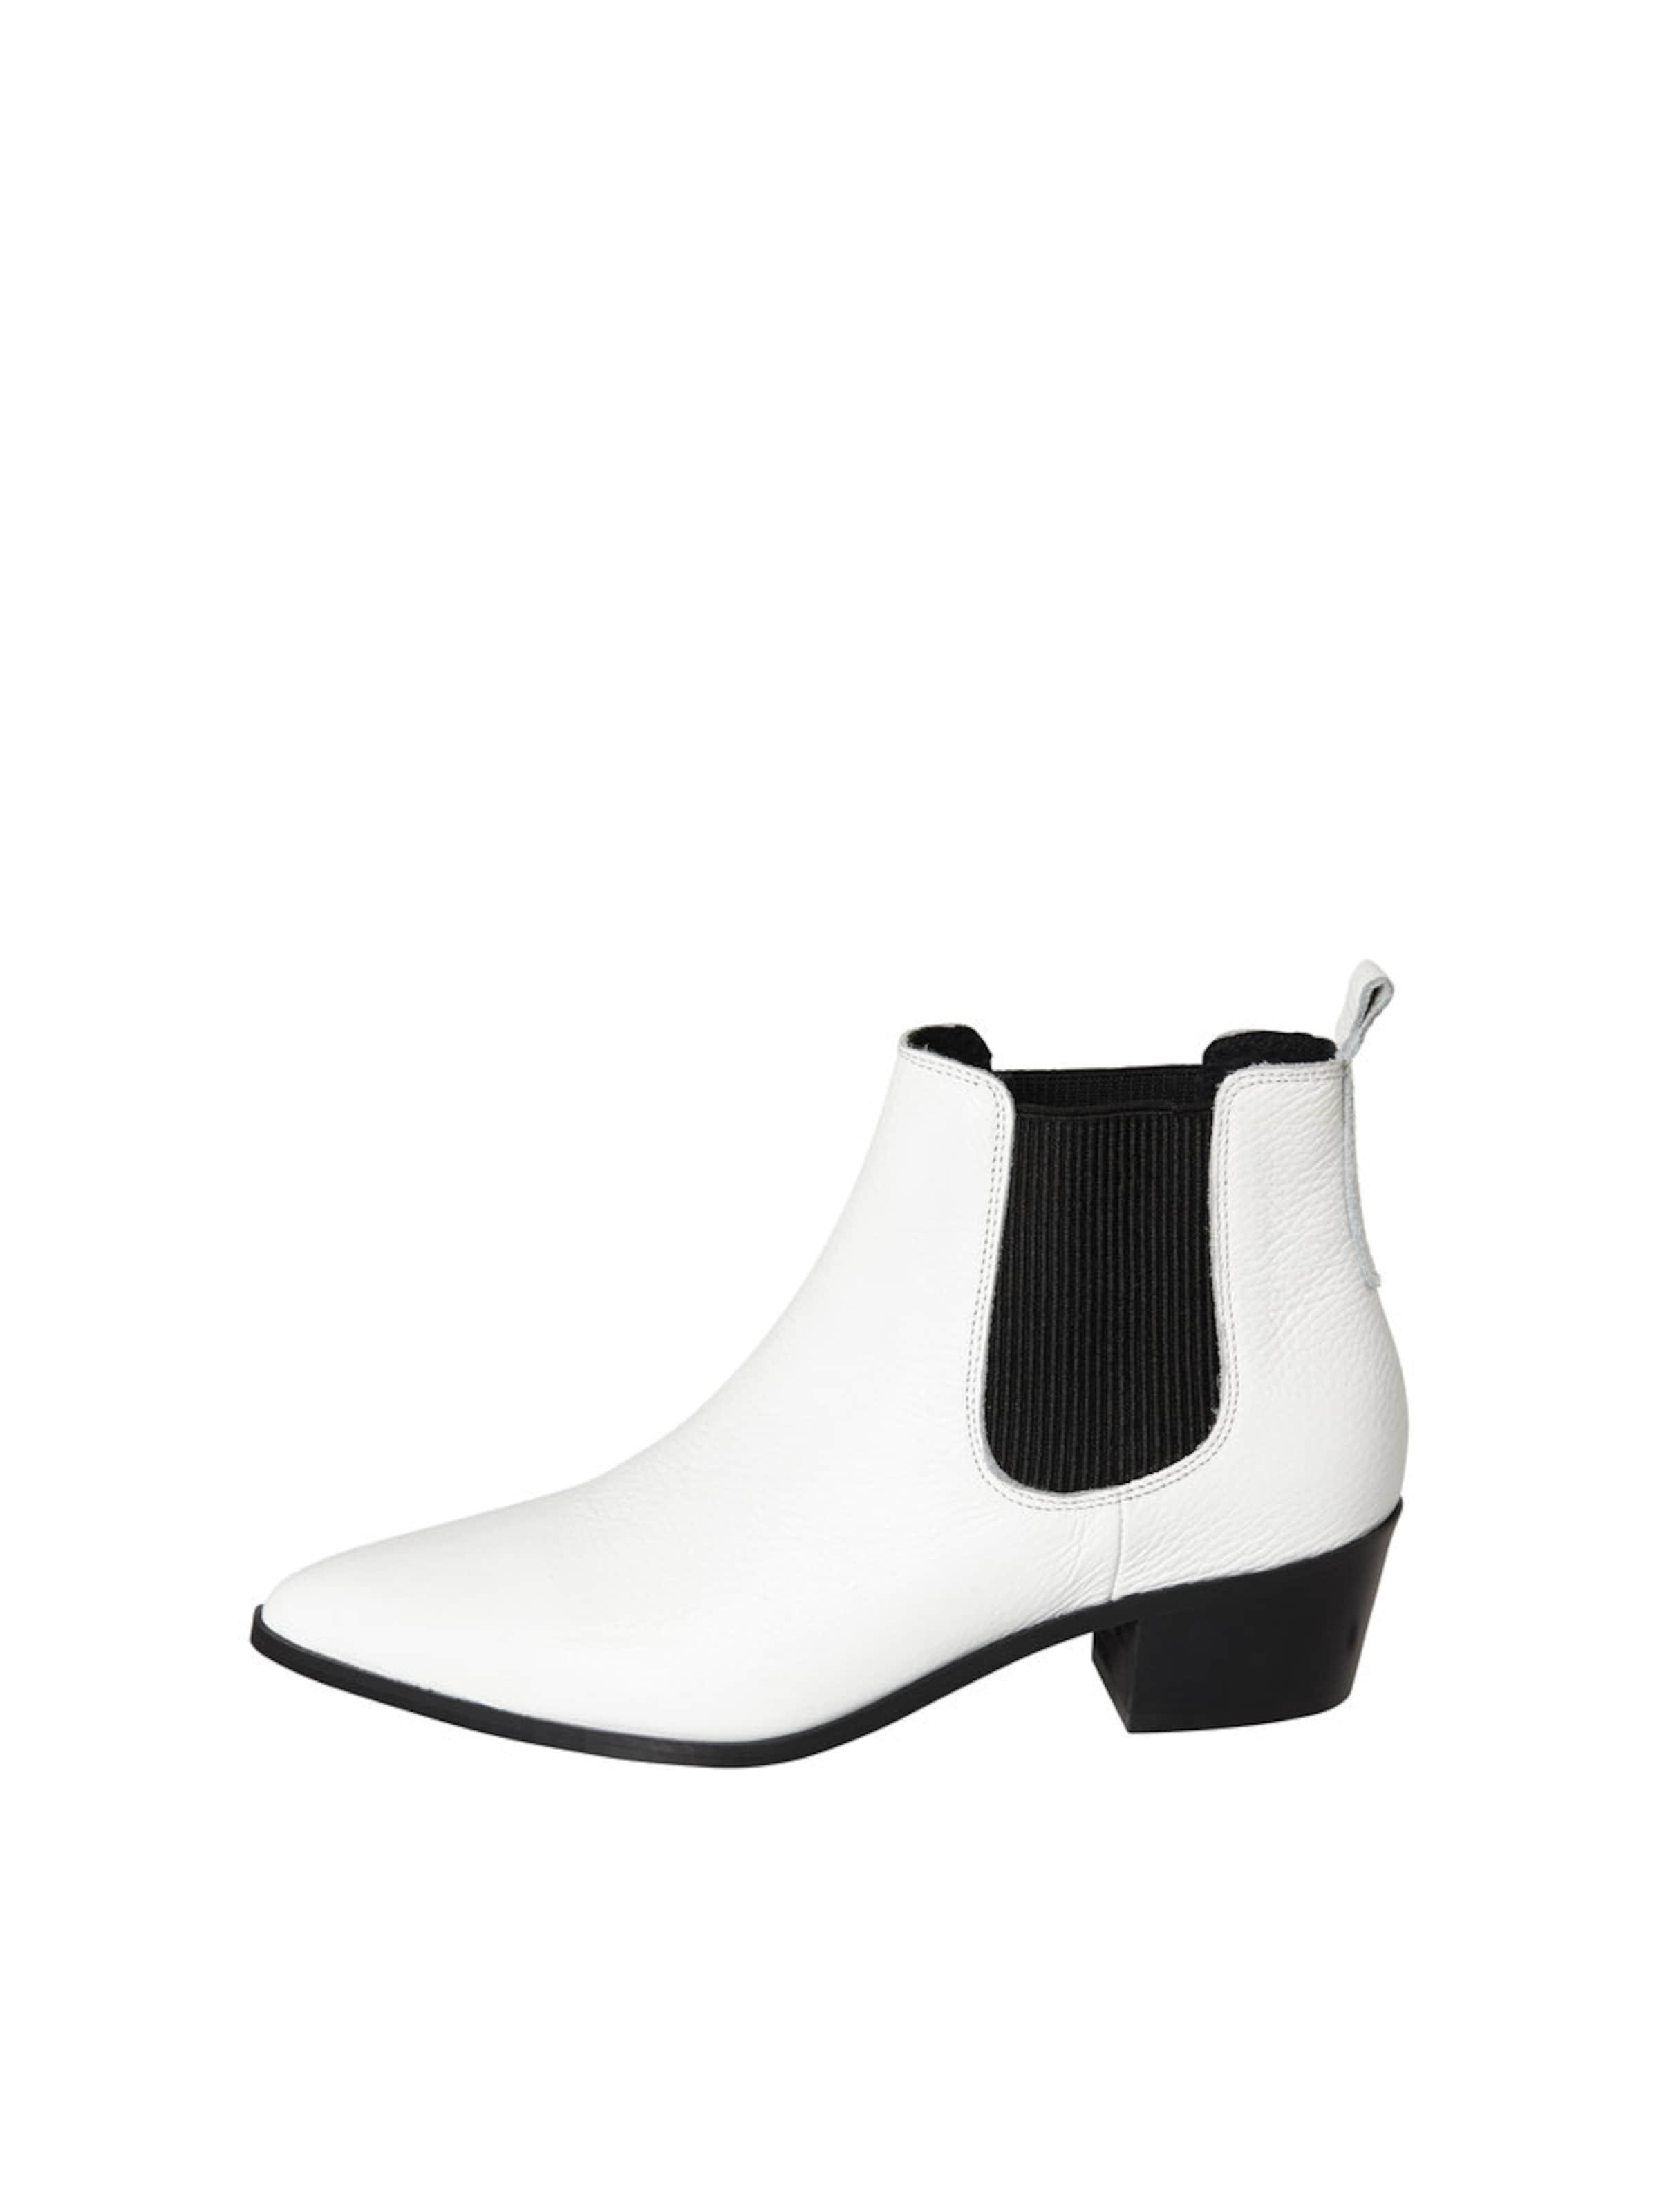 PIECES Stiefel Günstige und langlebige Schuhe